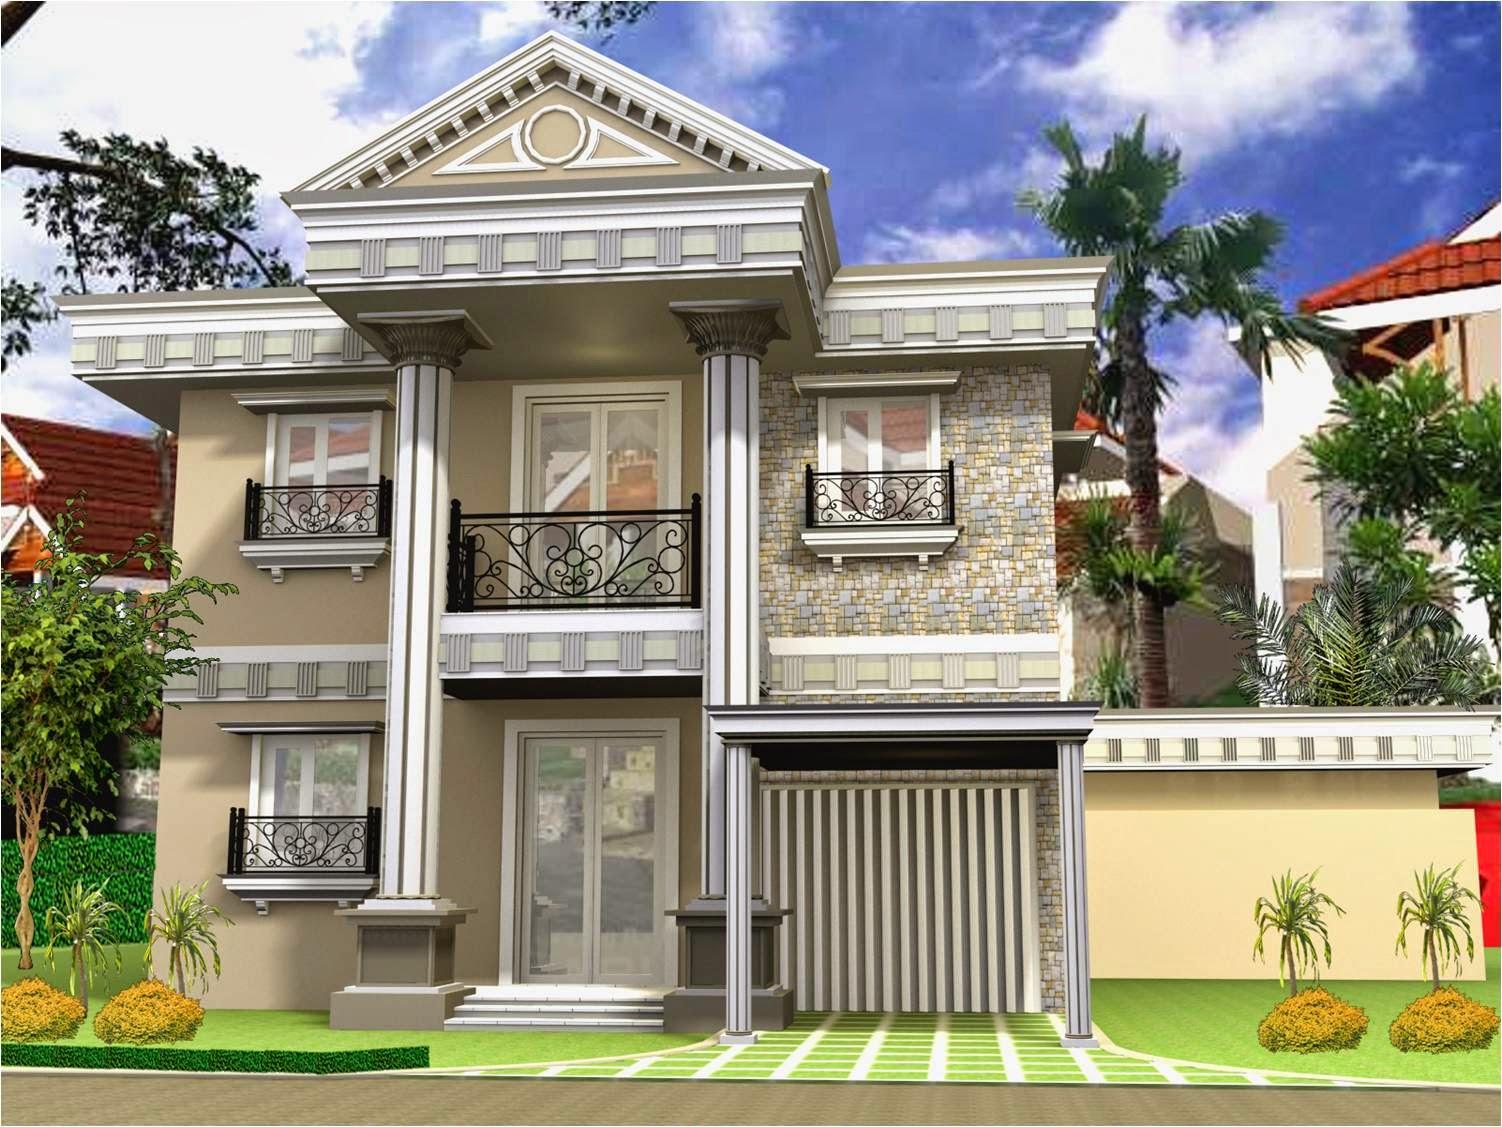 Gambar Rumah Klasik Gaya Eropa Desain Modern